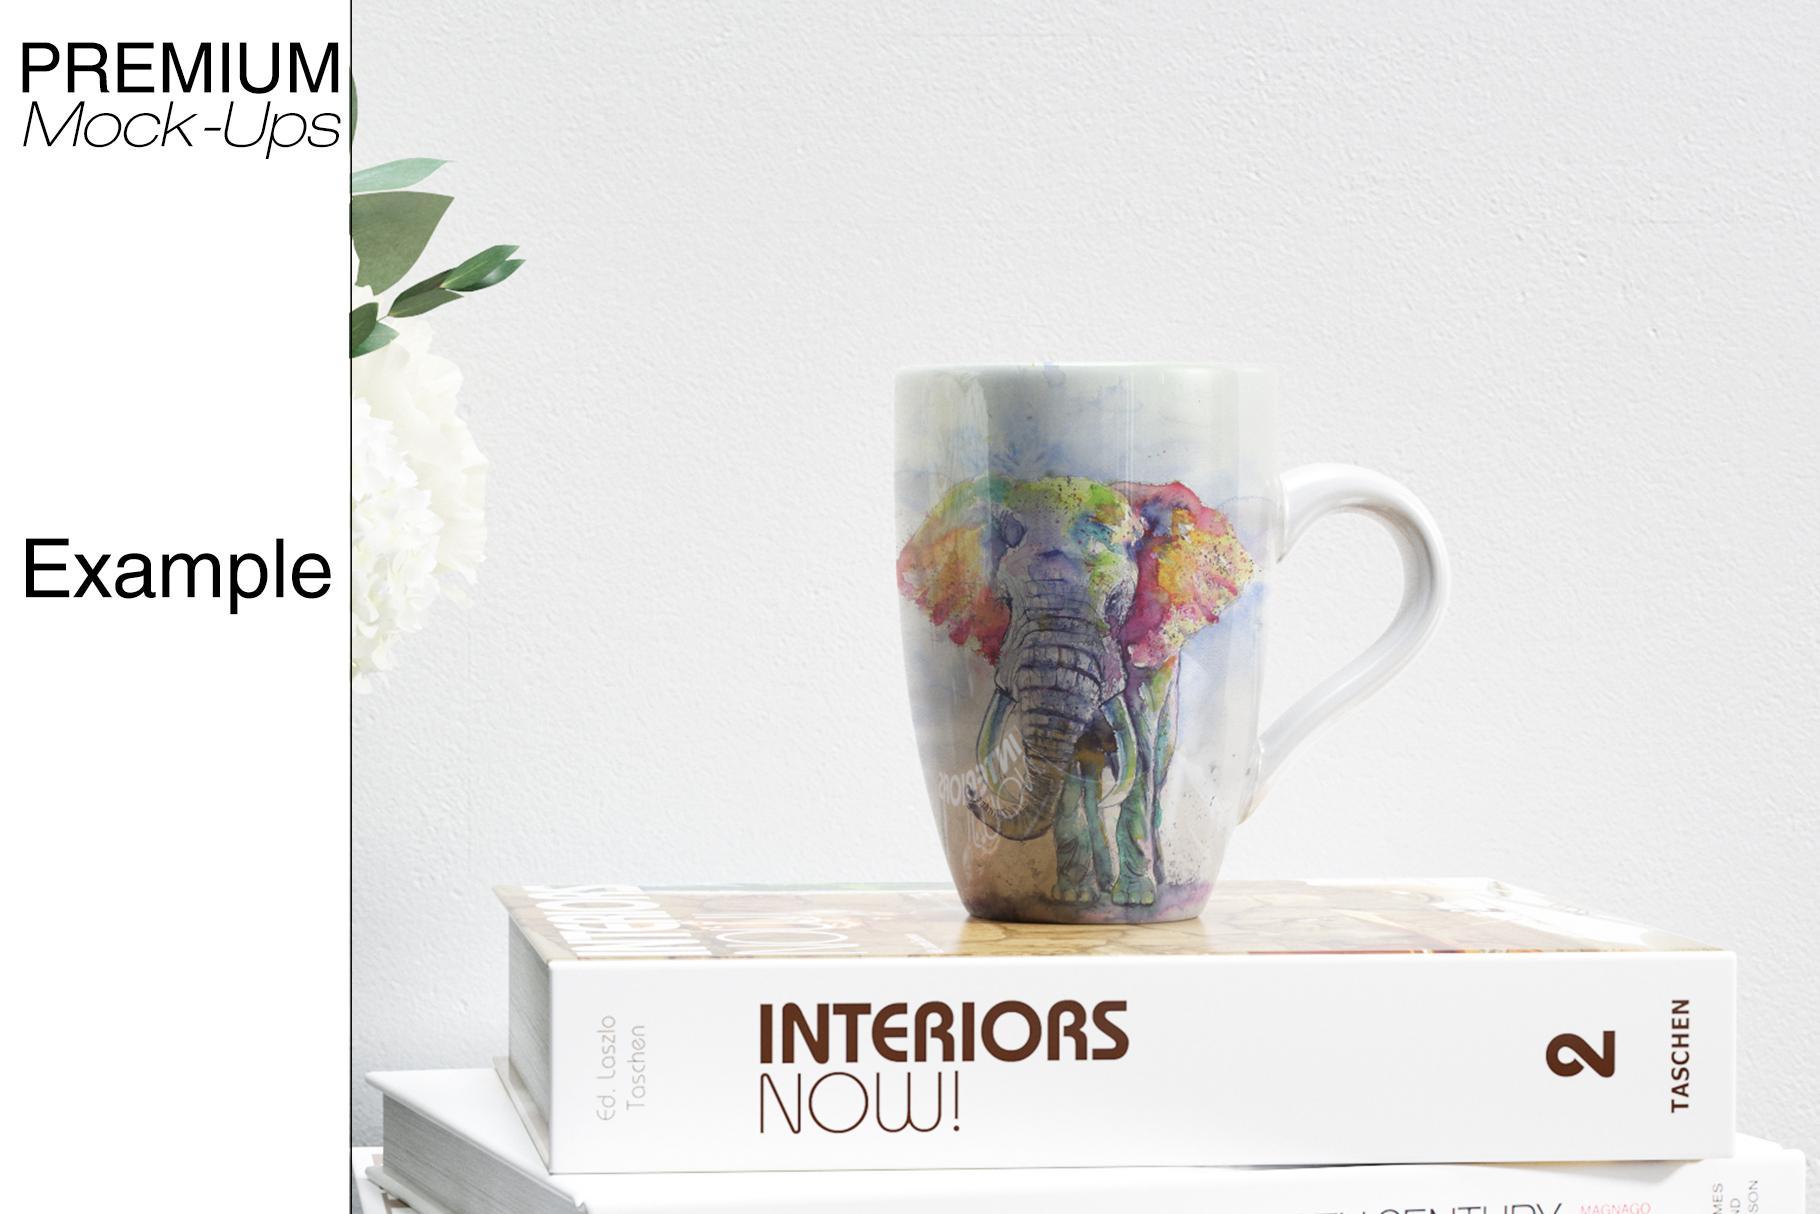 Mug Mockups - Many Shapes example image 11